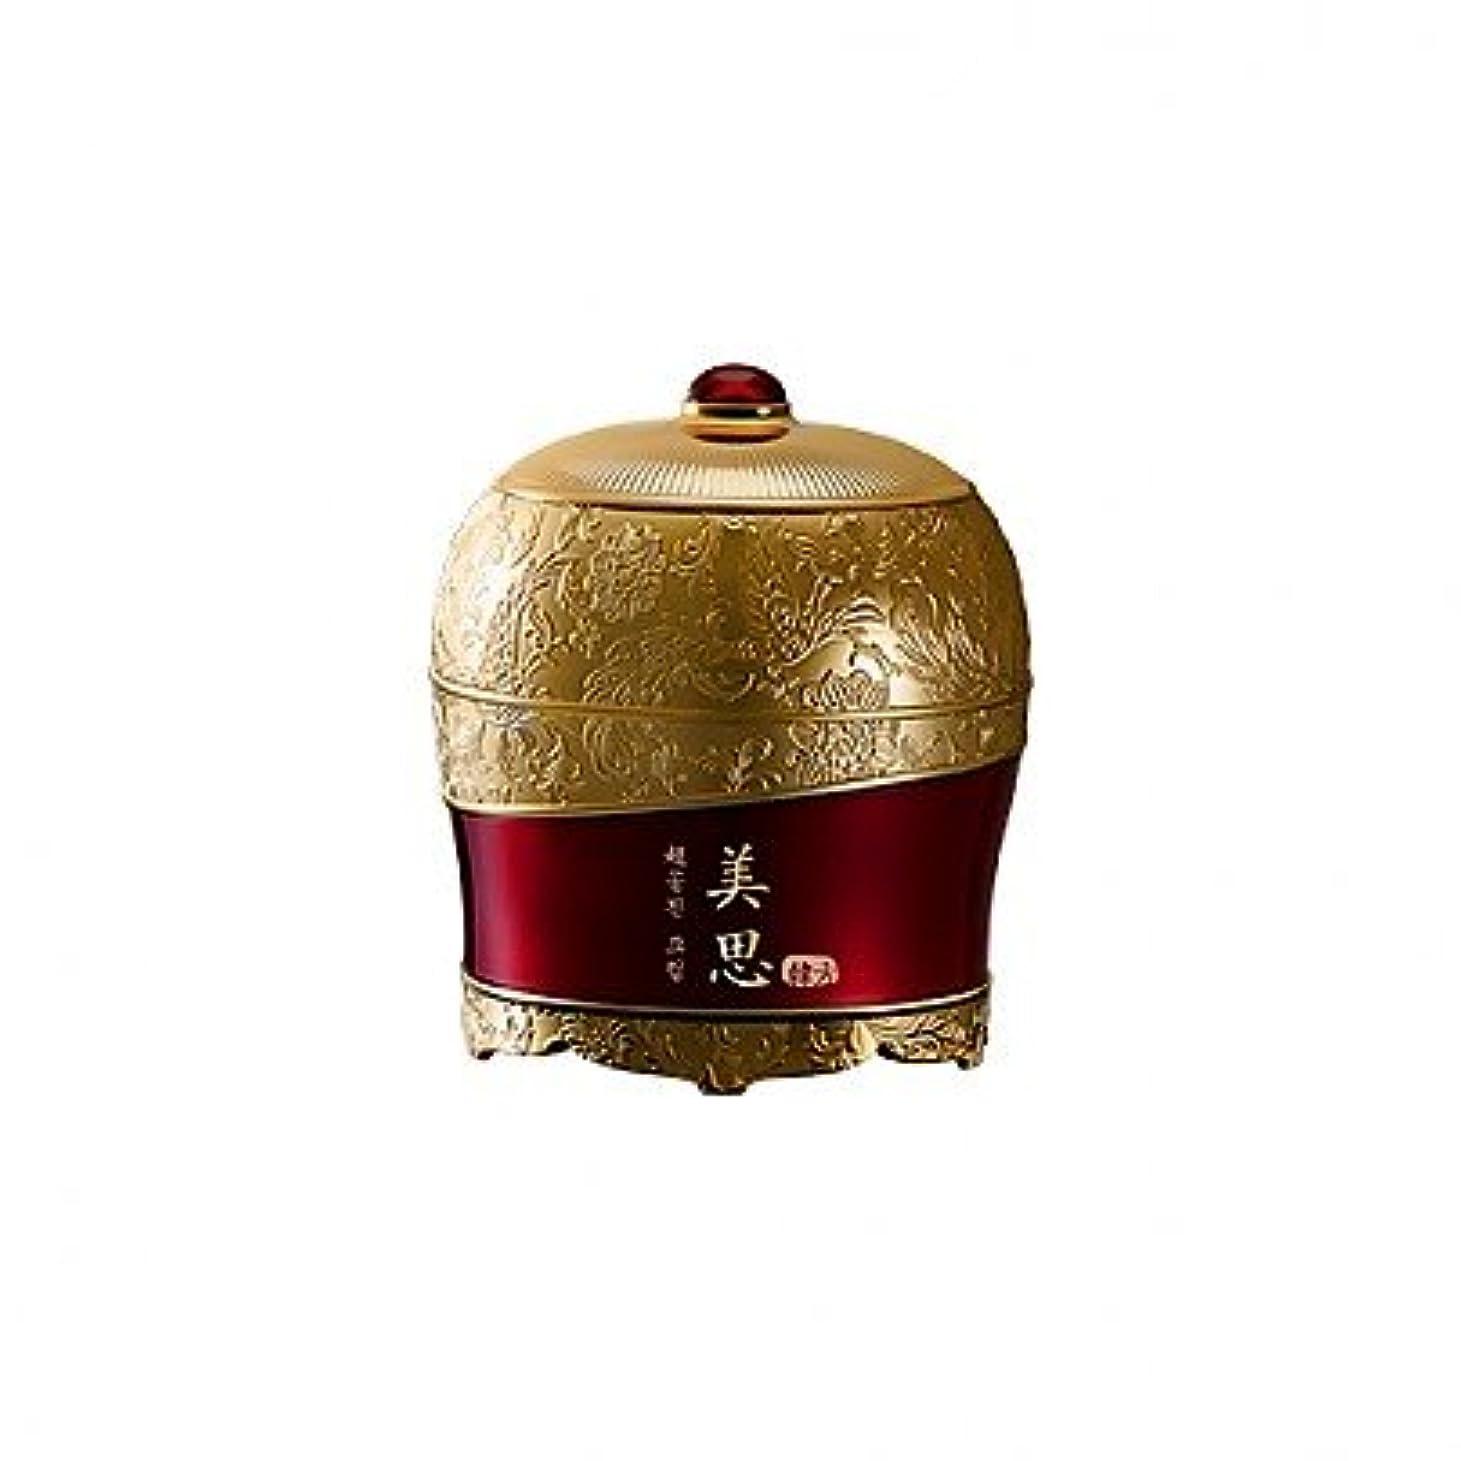 コミュニティモンゴメリー打撃MISSHA/ミシャ チョゴンジン クリーム (旧チョボヤン) 60ml[海外直送品]